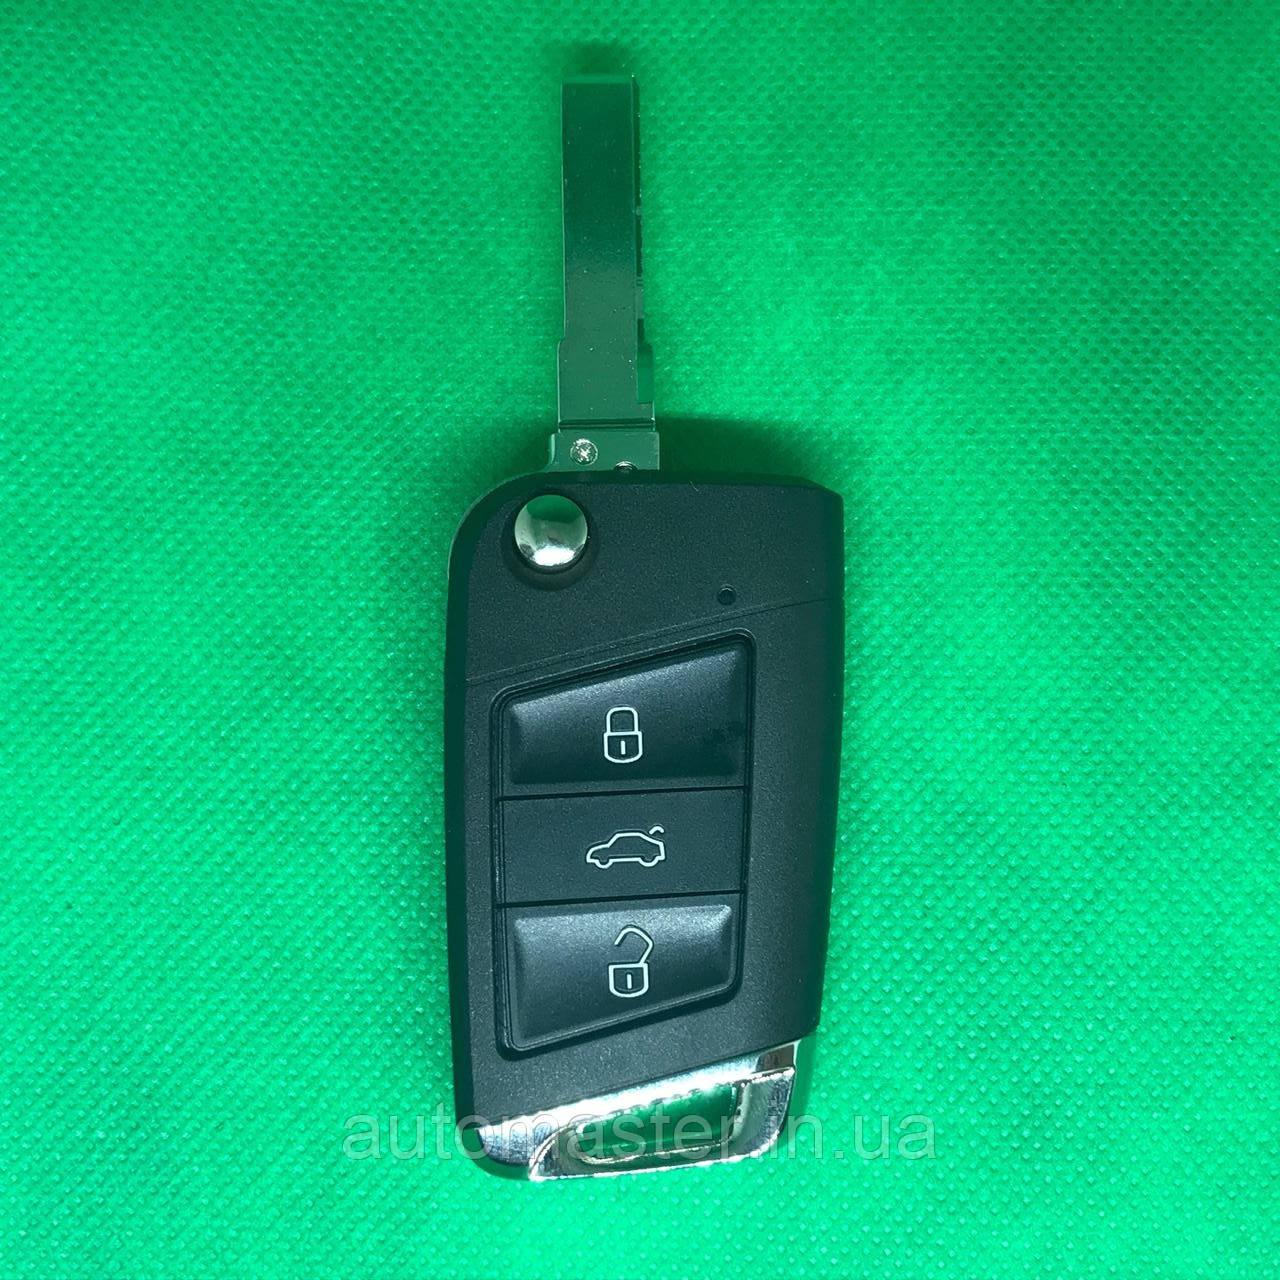 Корпус выкидного авто ключа VOLKSWAGEN Golf 7 (Фольксваген Гольф 7) 3 - кнопки